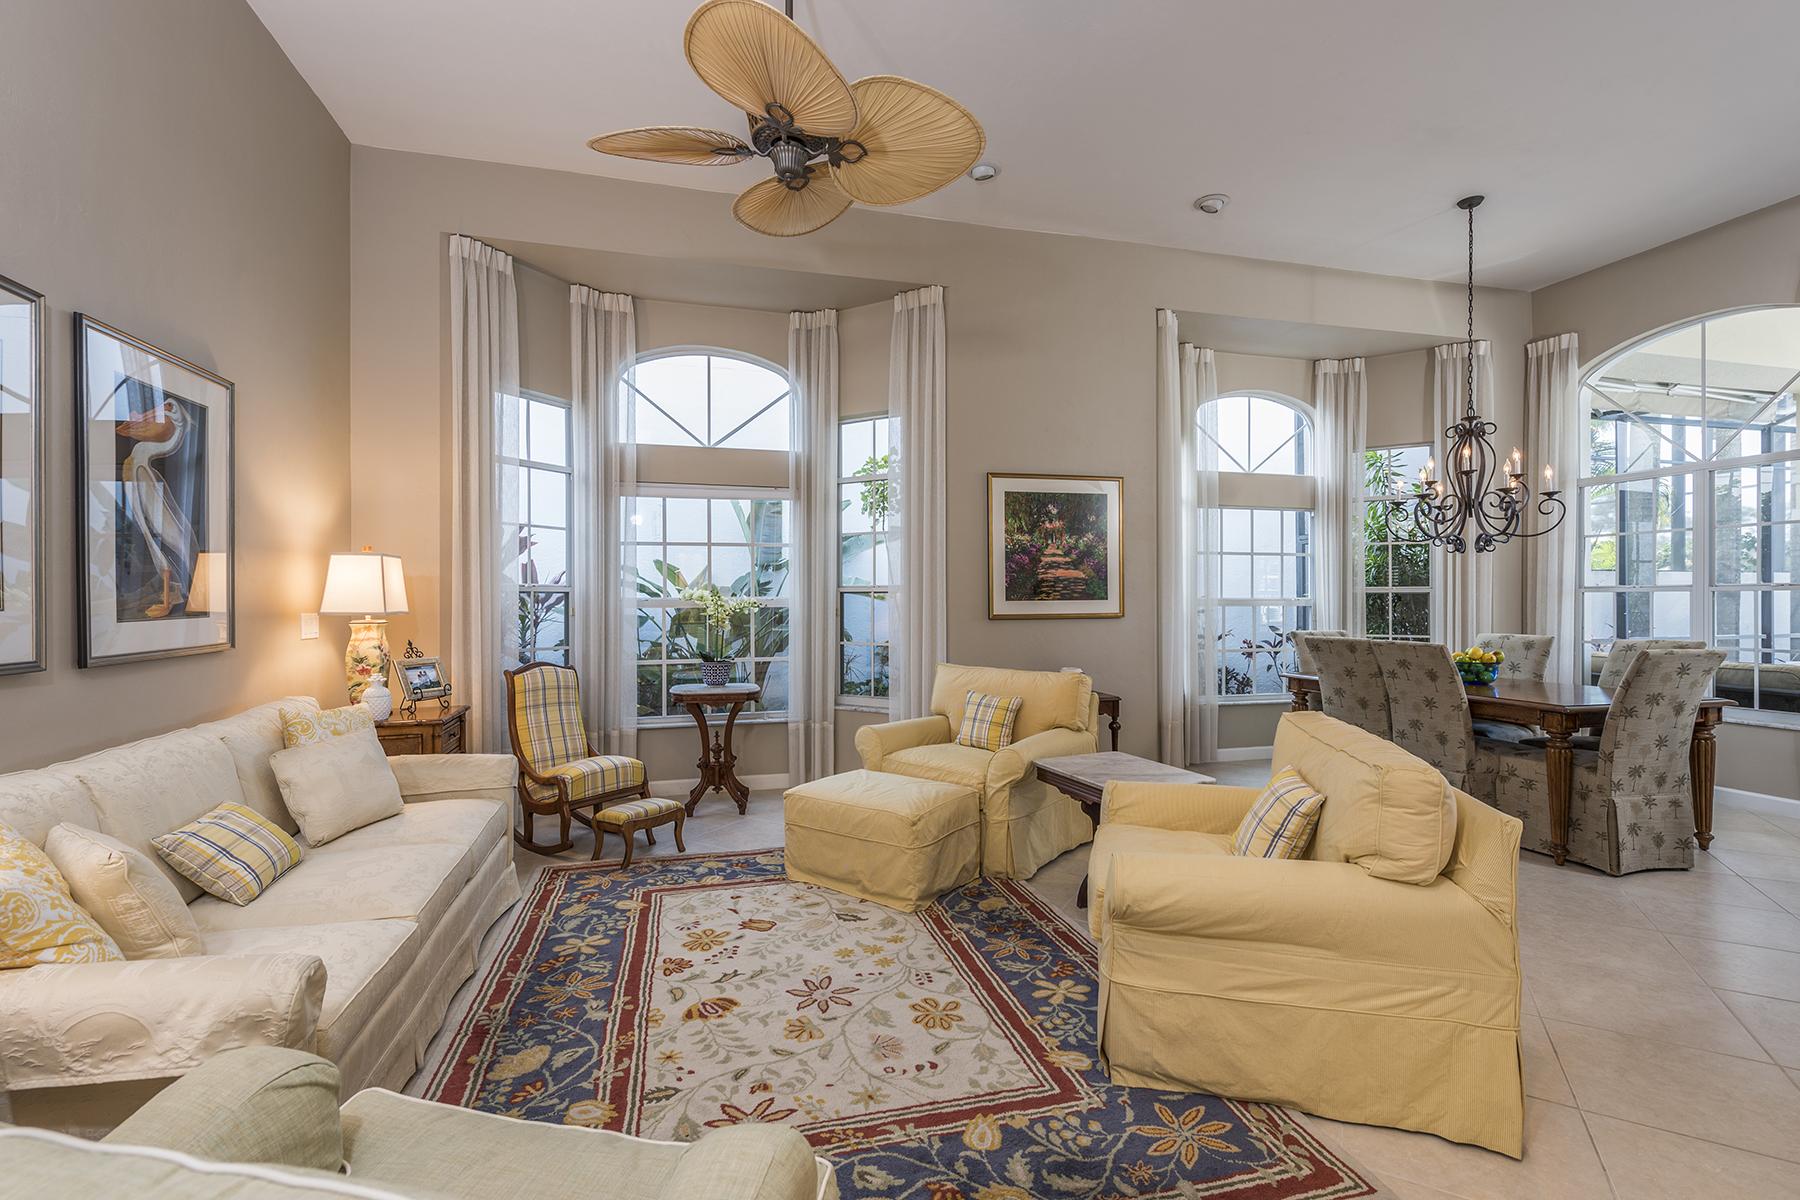 独户住宅 为 销售 在 AUDUBON - DEVON GREEN 15275 Devon Green Ln 那不勒斯, 佛罗里达州, 34110 美国